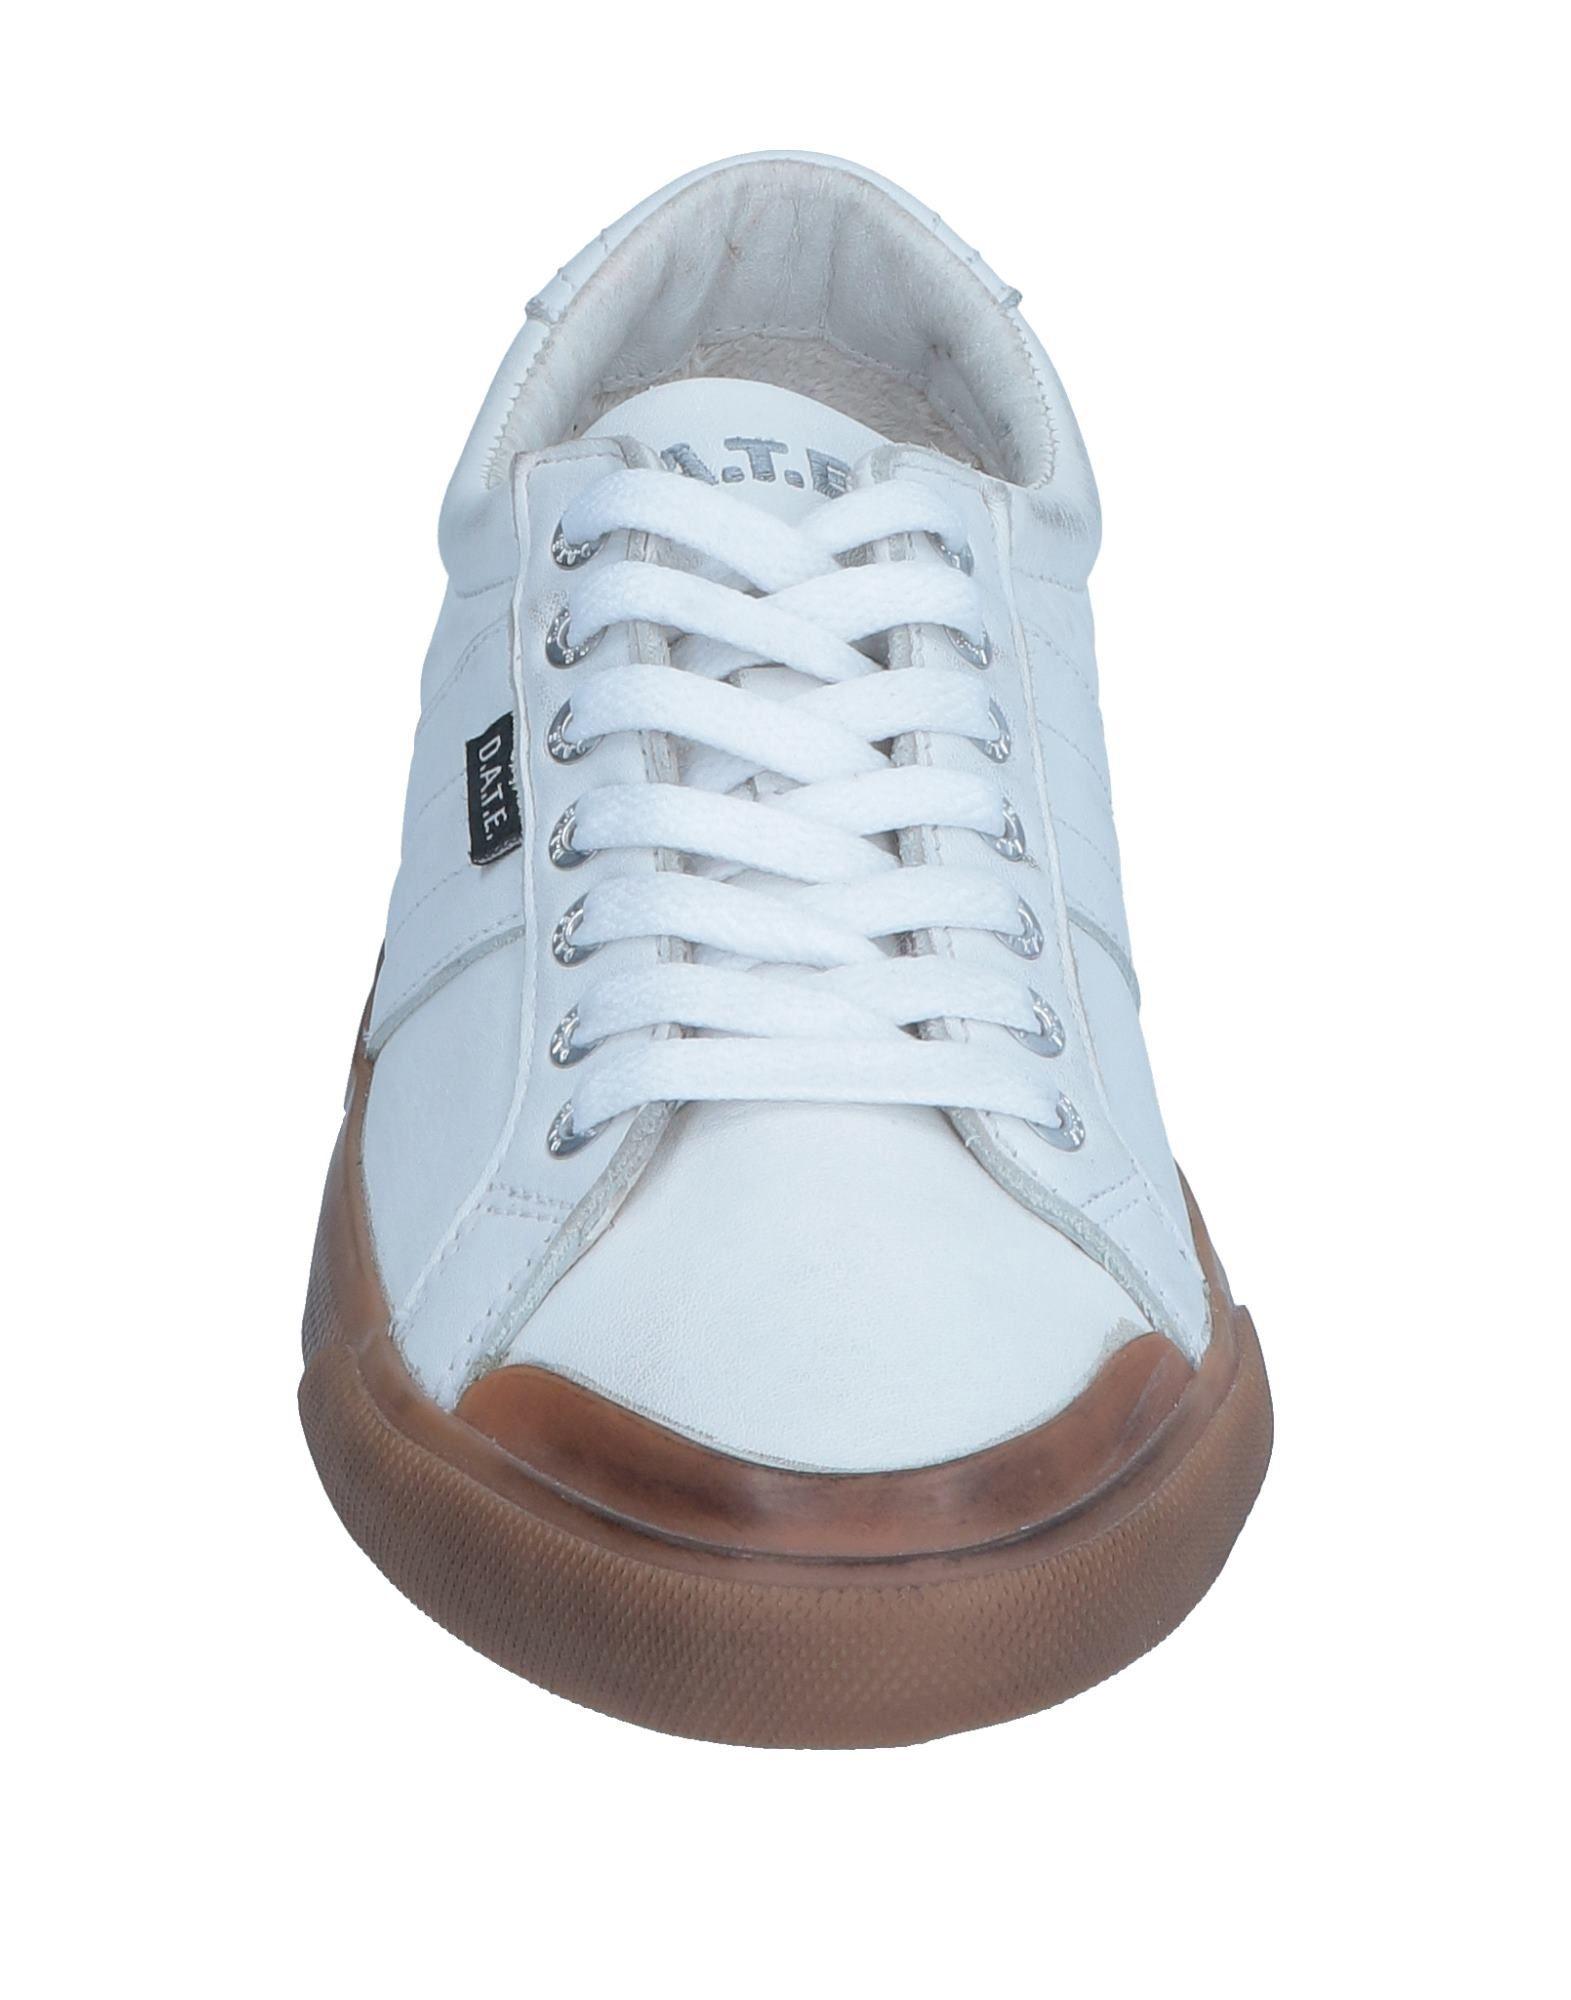 Rabatt echte  Schuhe D.A.T.E. Sneakers Herren  echte 11545878ON 2b8f5f